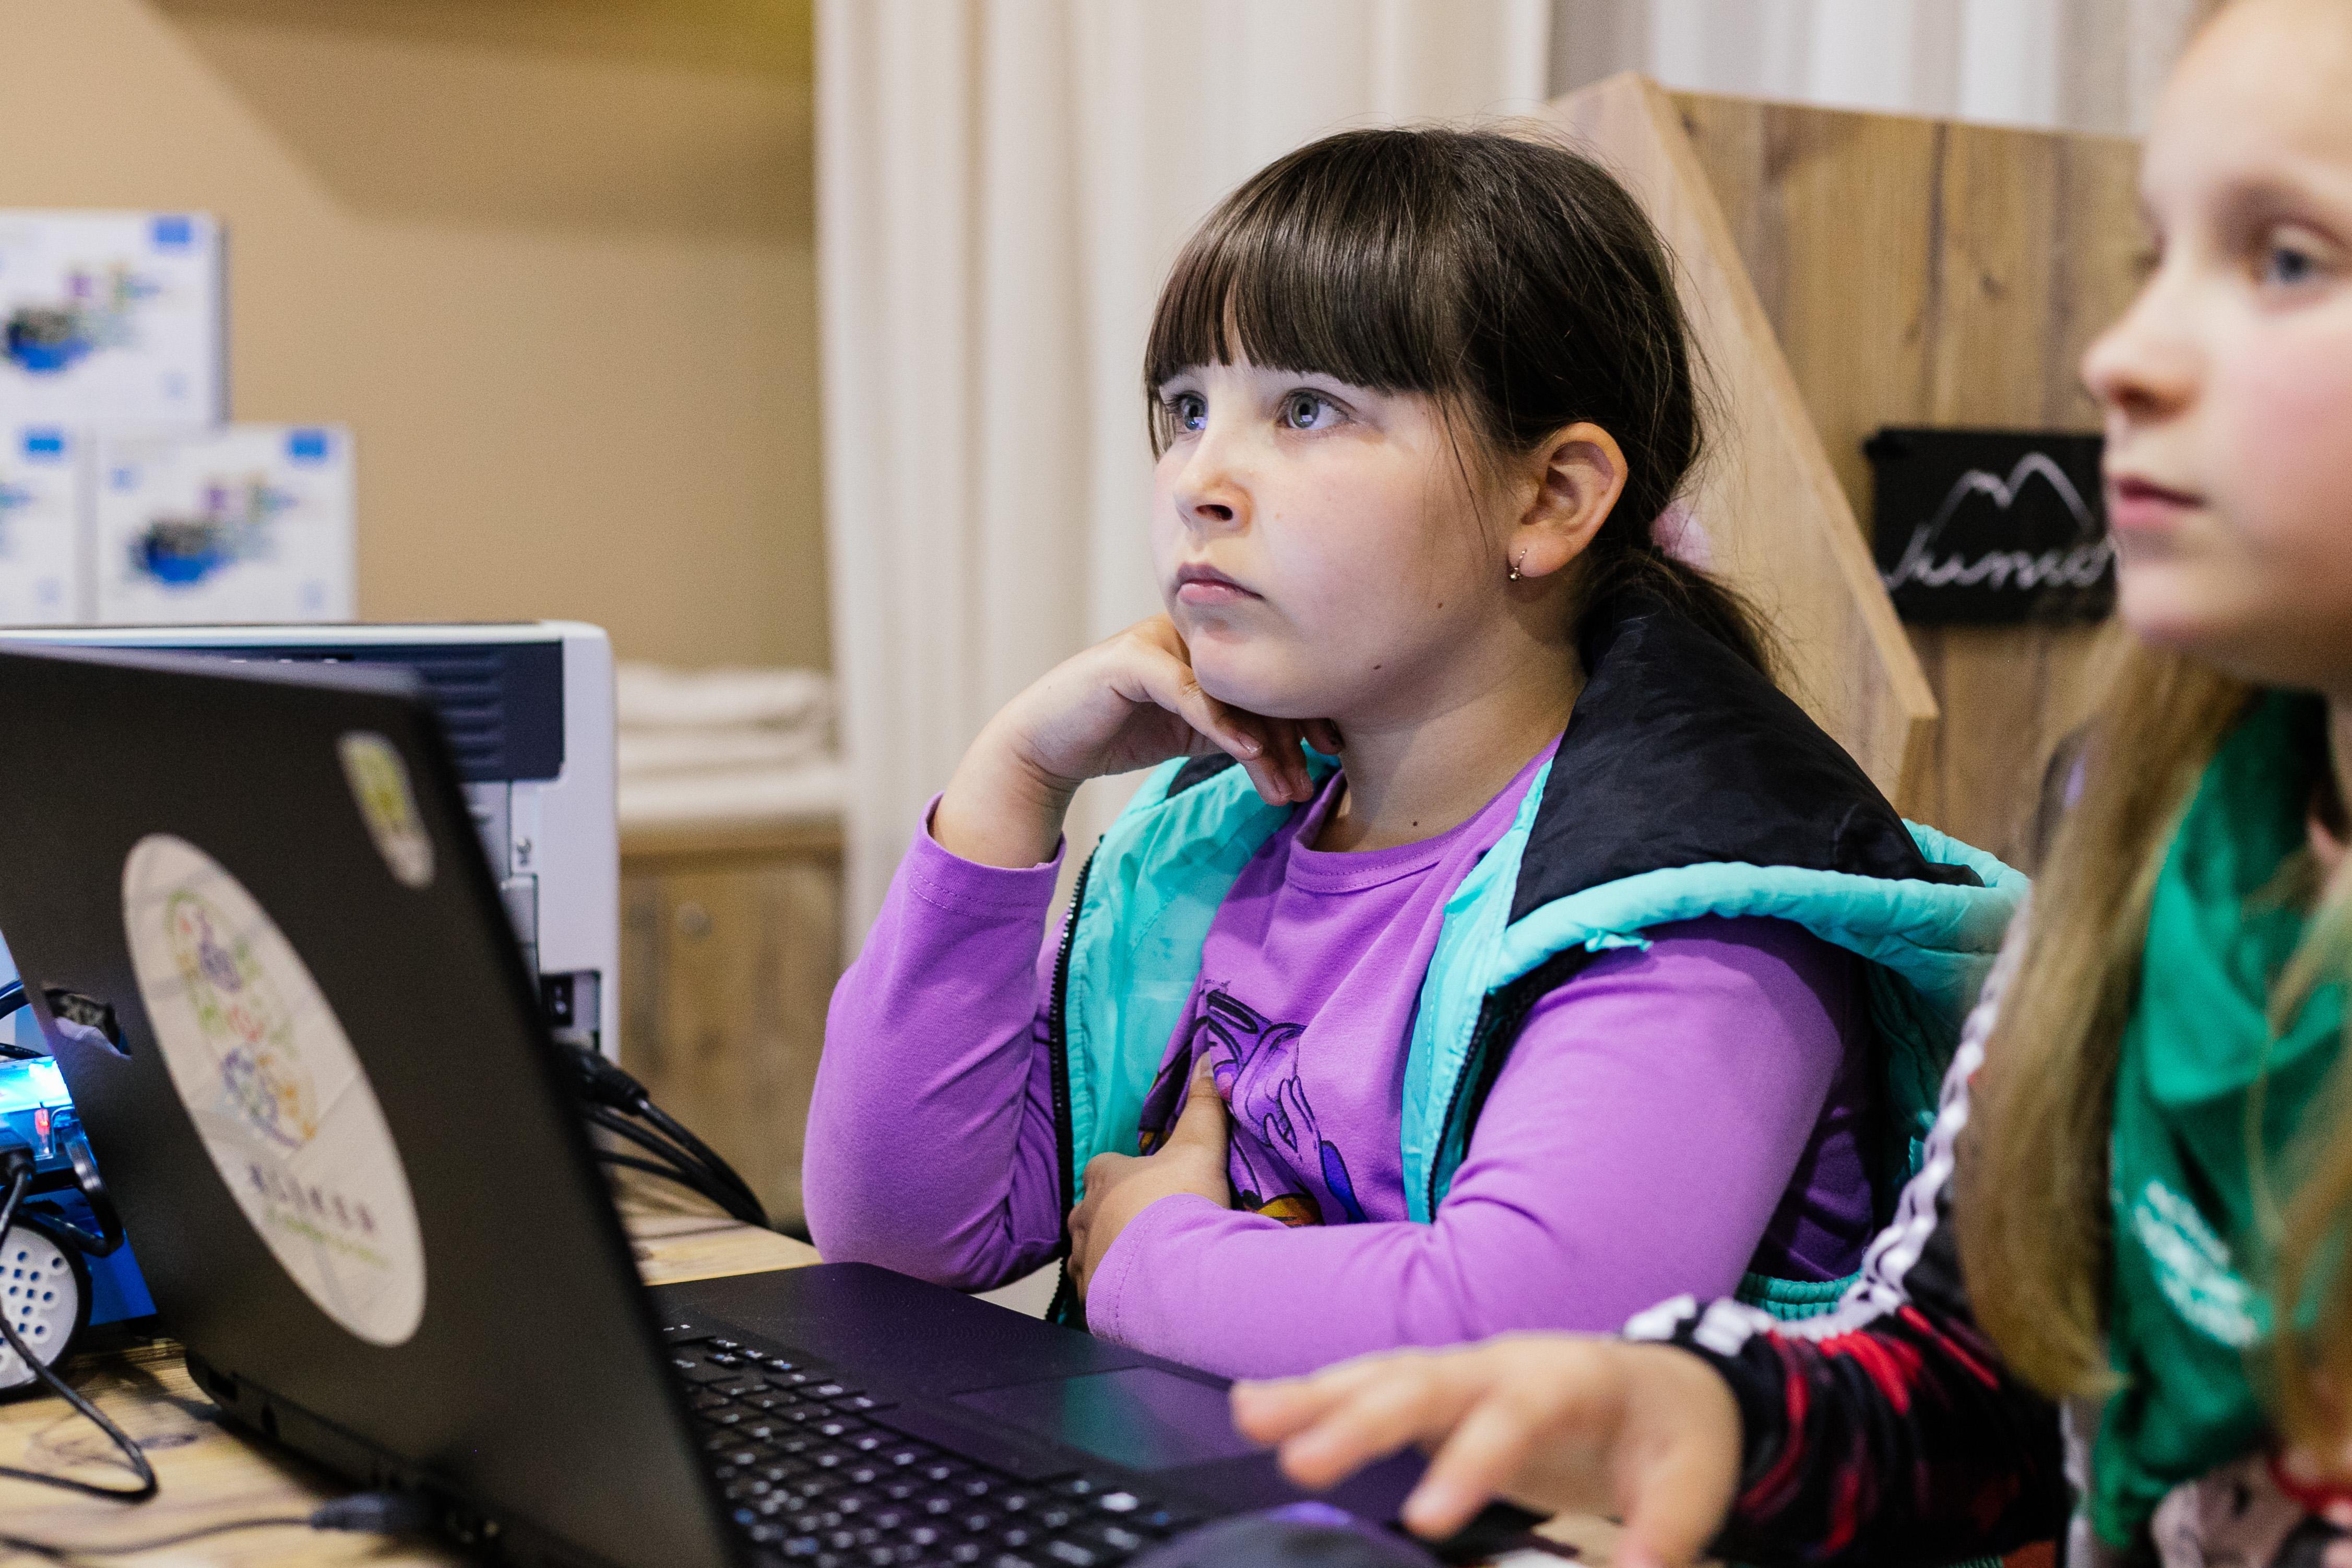 Virtuelno učenje može da bude bezbedna za decu kada se izvršava i prati na strateški način.